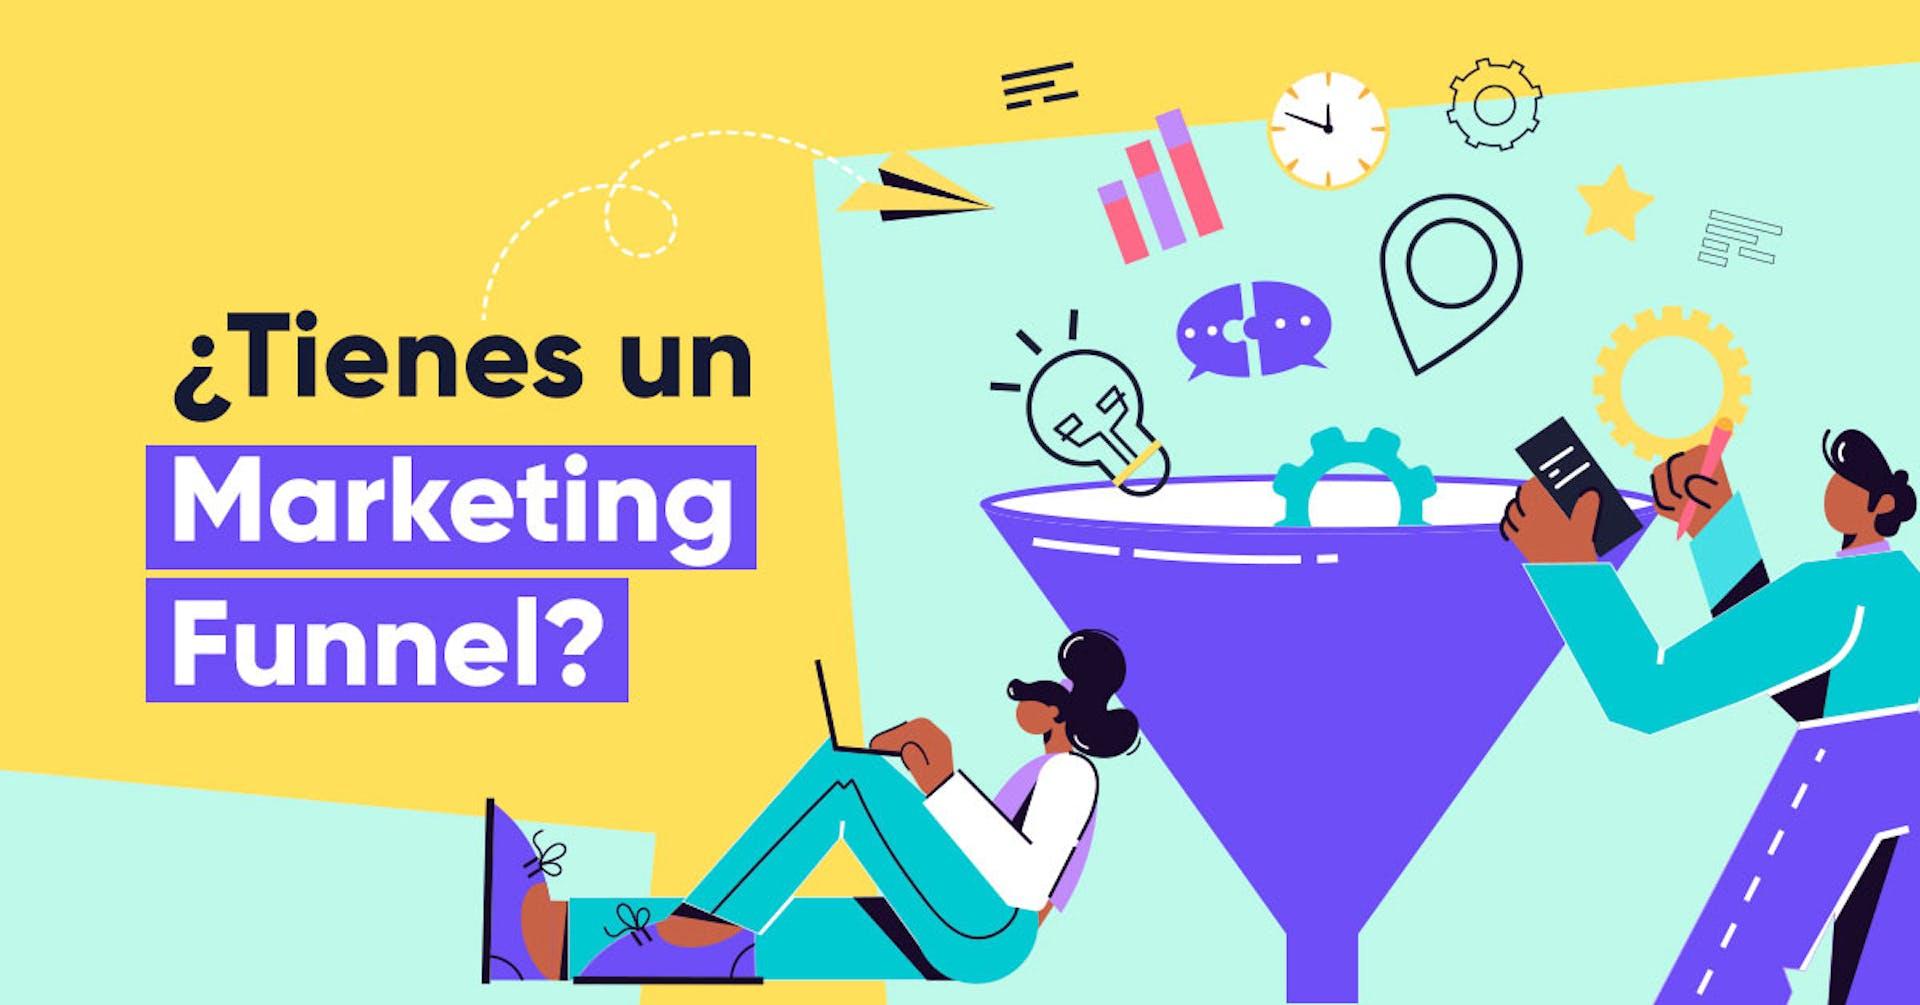 Marketing funnel: Guía para principiantes que quieren aplicarlo a su negocio